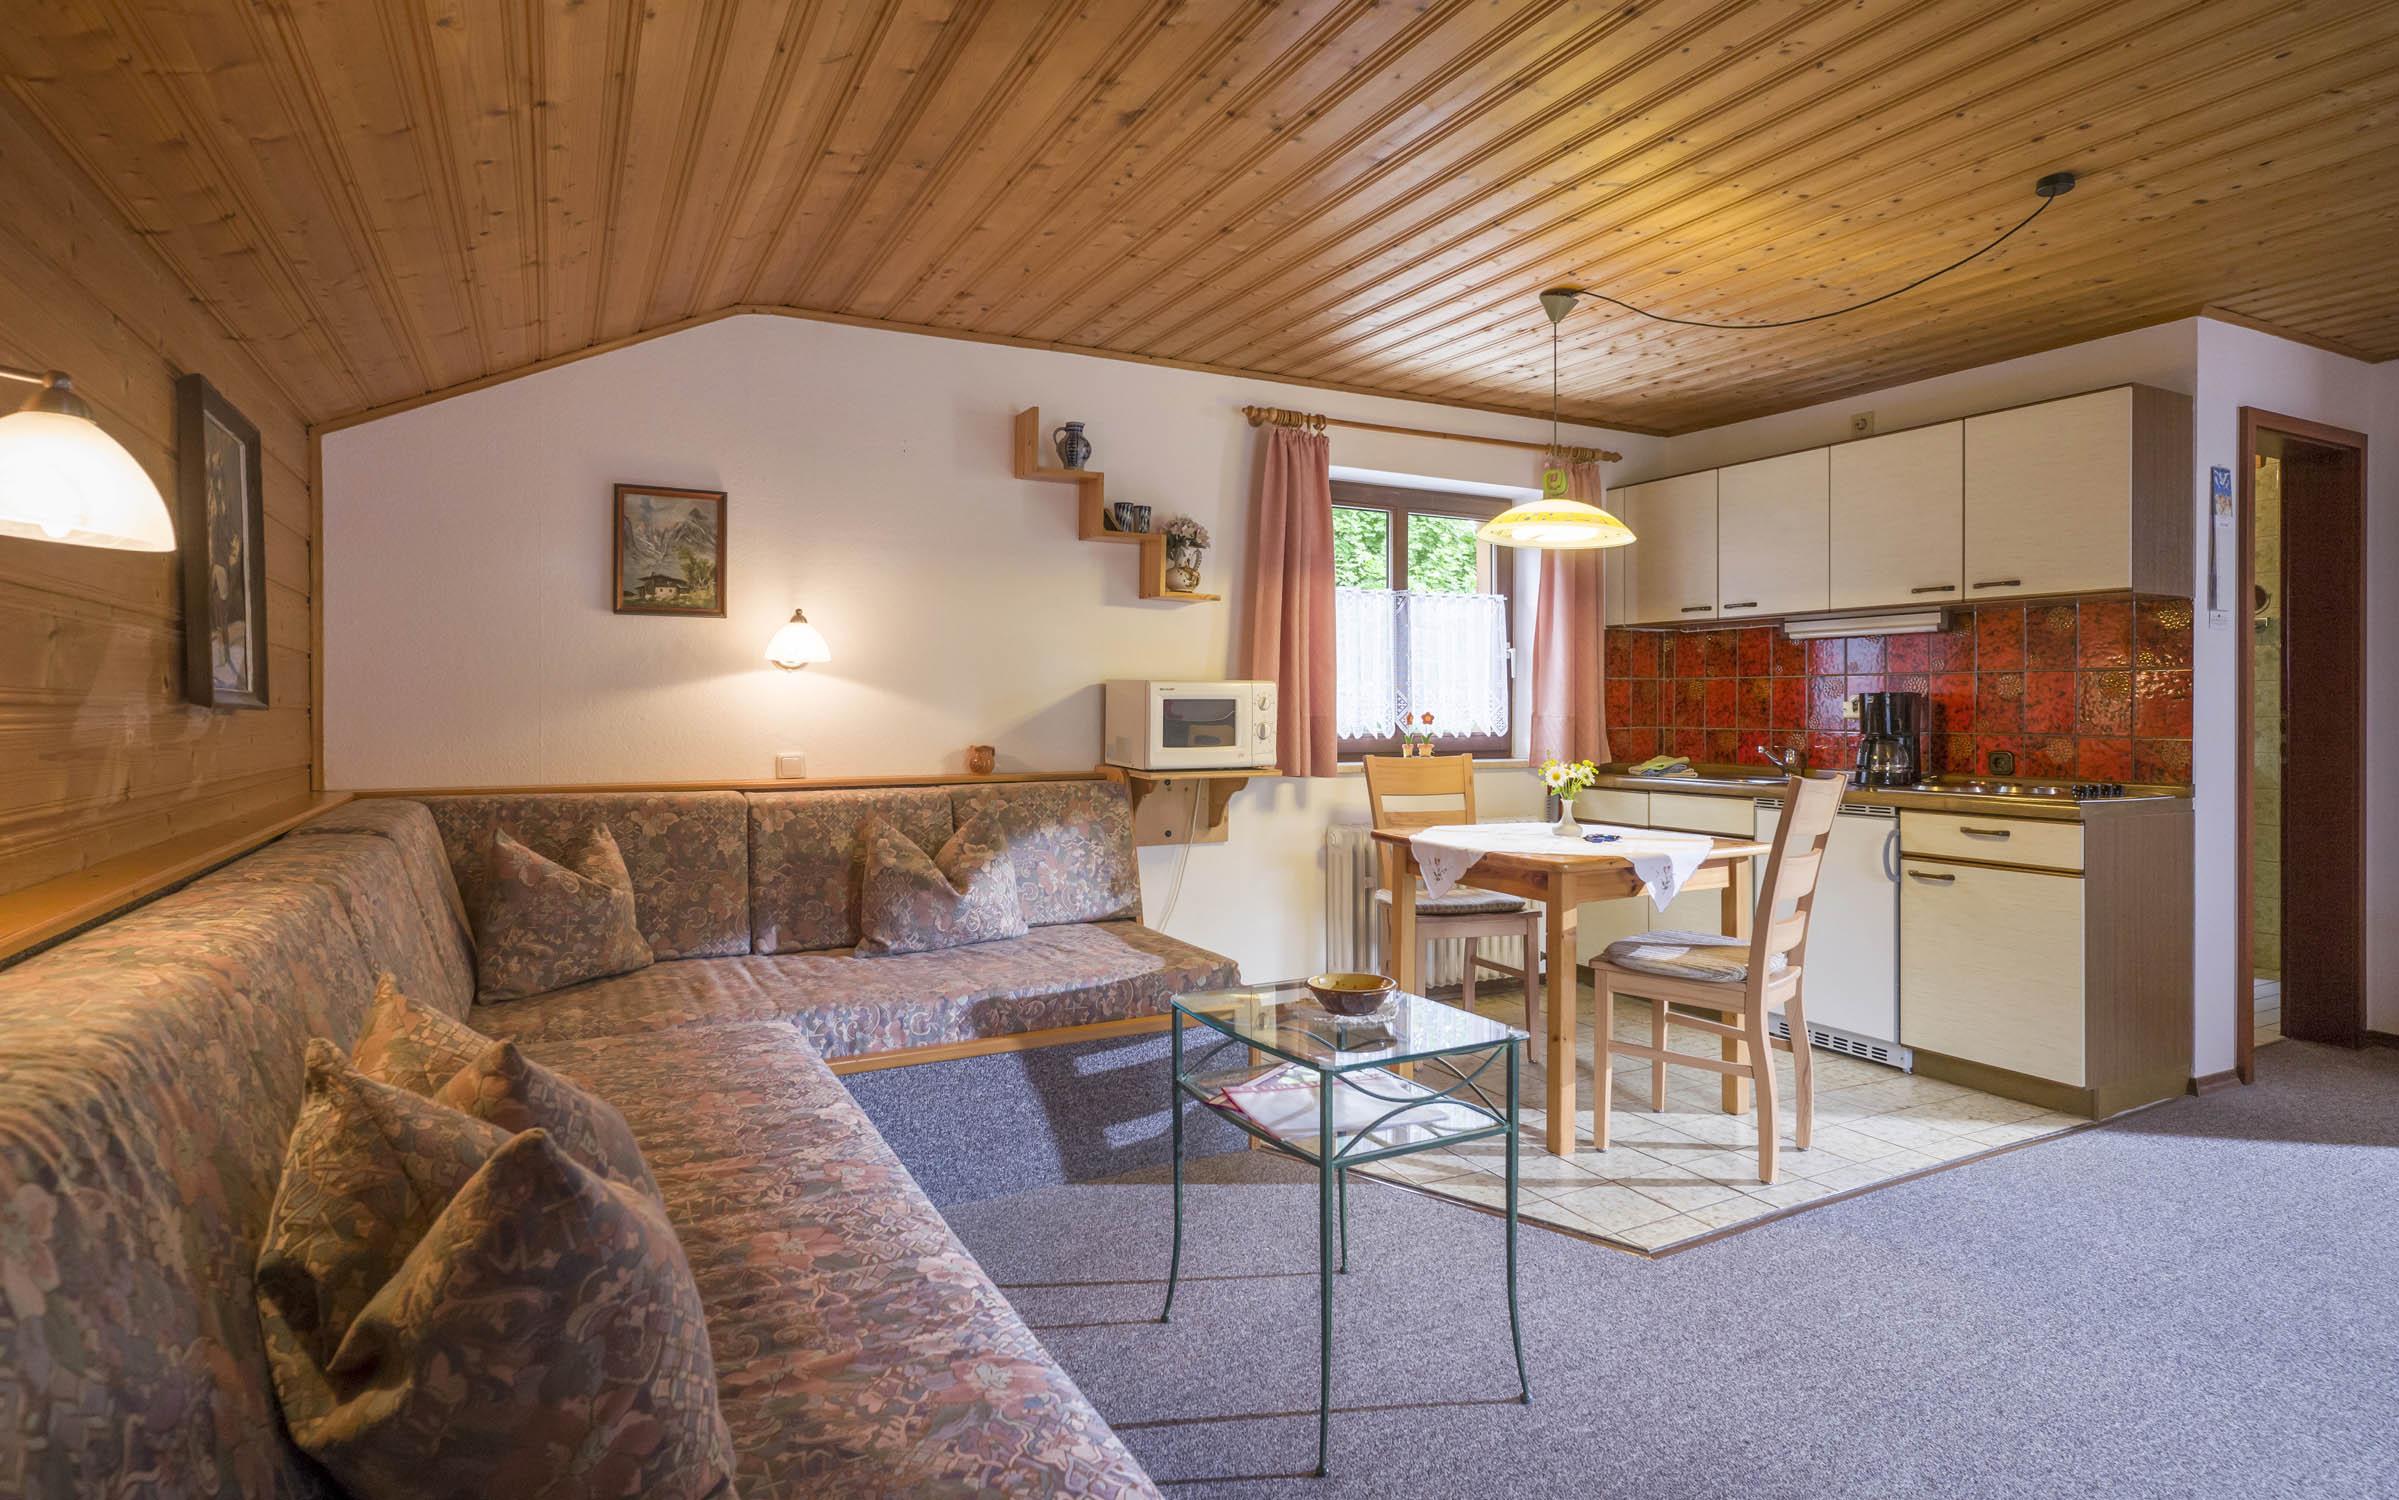 Ferienwohnung Haus Enzian (DE Oberaudorf). 1-Zimmer Ferienwohnung 35qm (709911), Oberaudorf, Chiemgau, Bayern, Deutschland, Bild 10